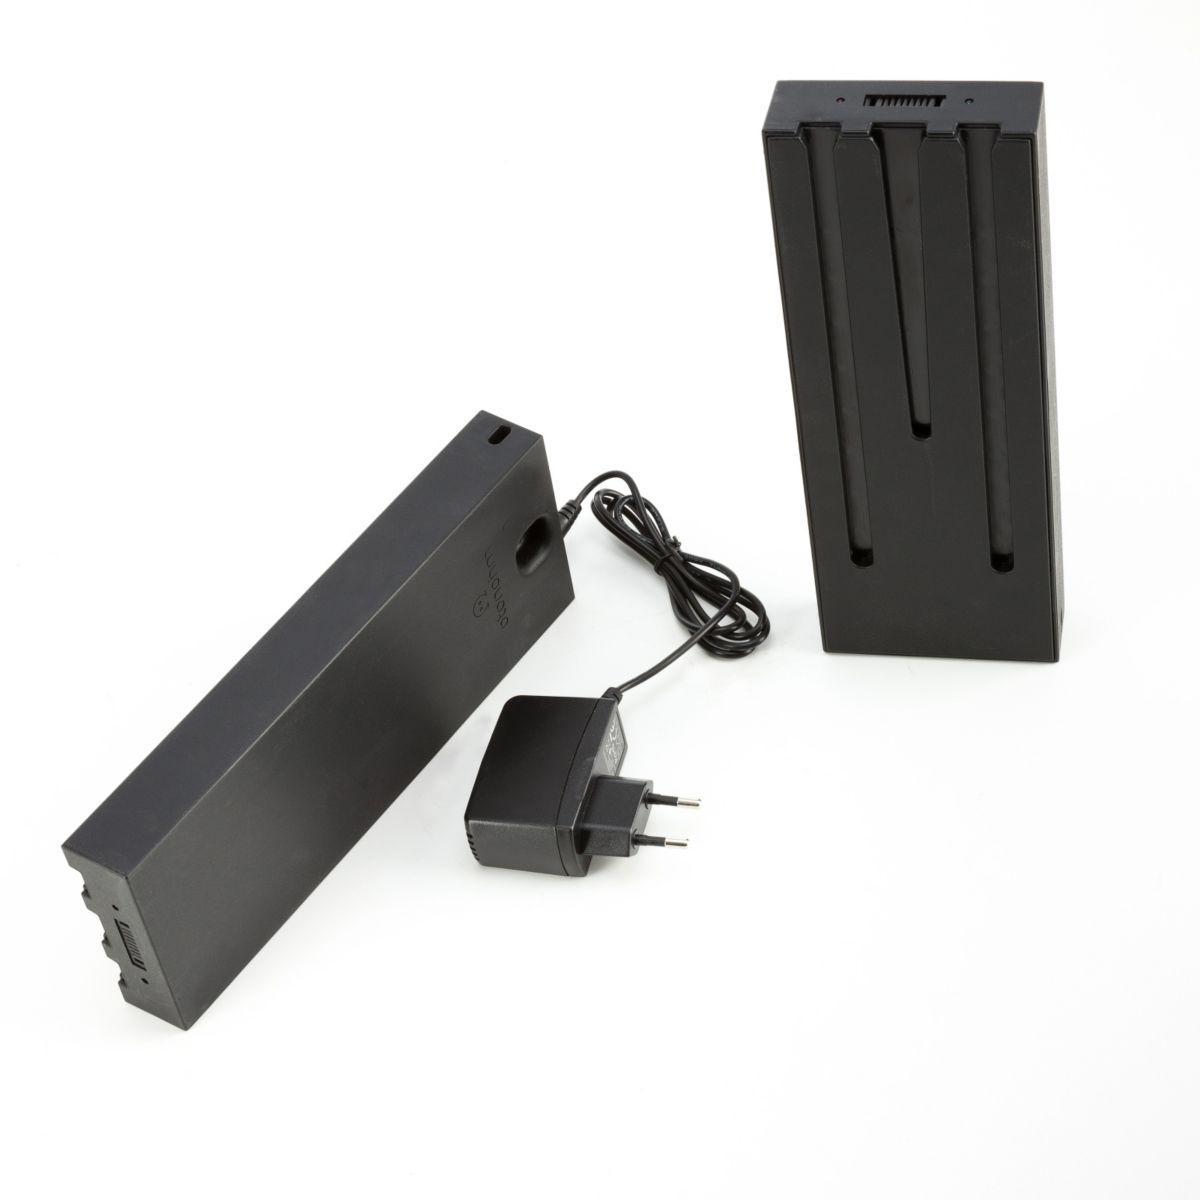 Batterie otonohm 32 wh (photo)